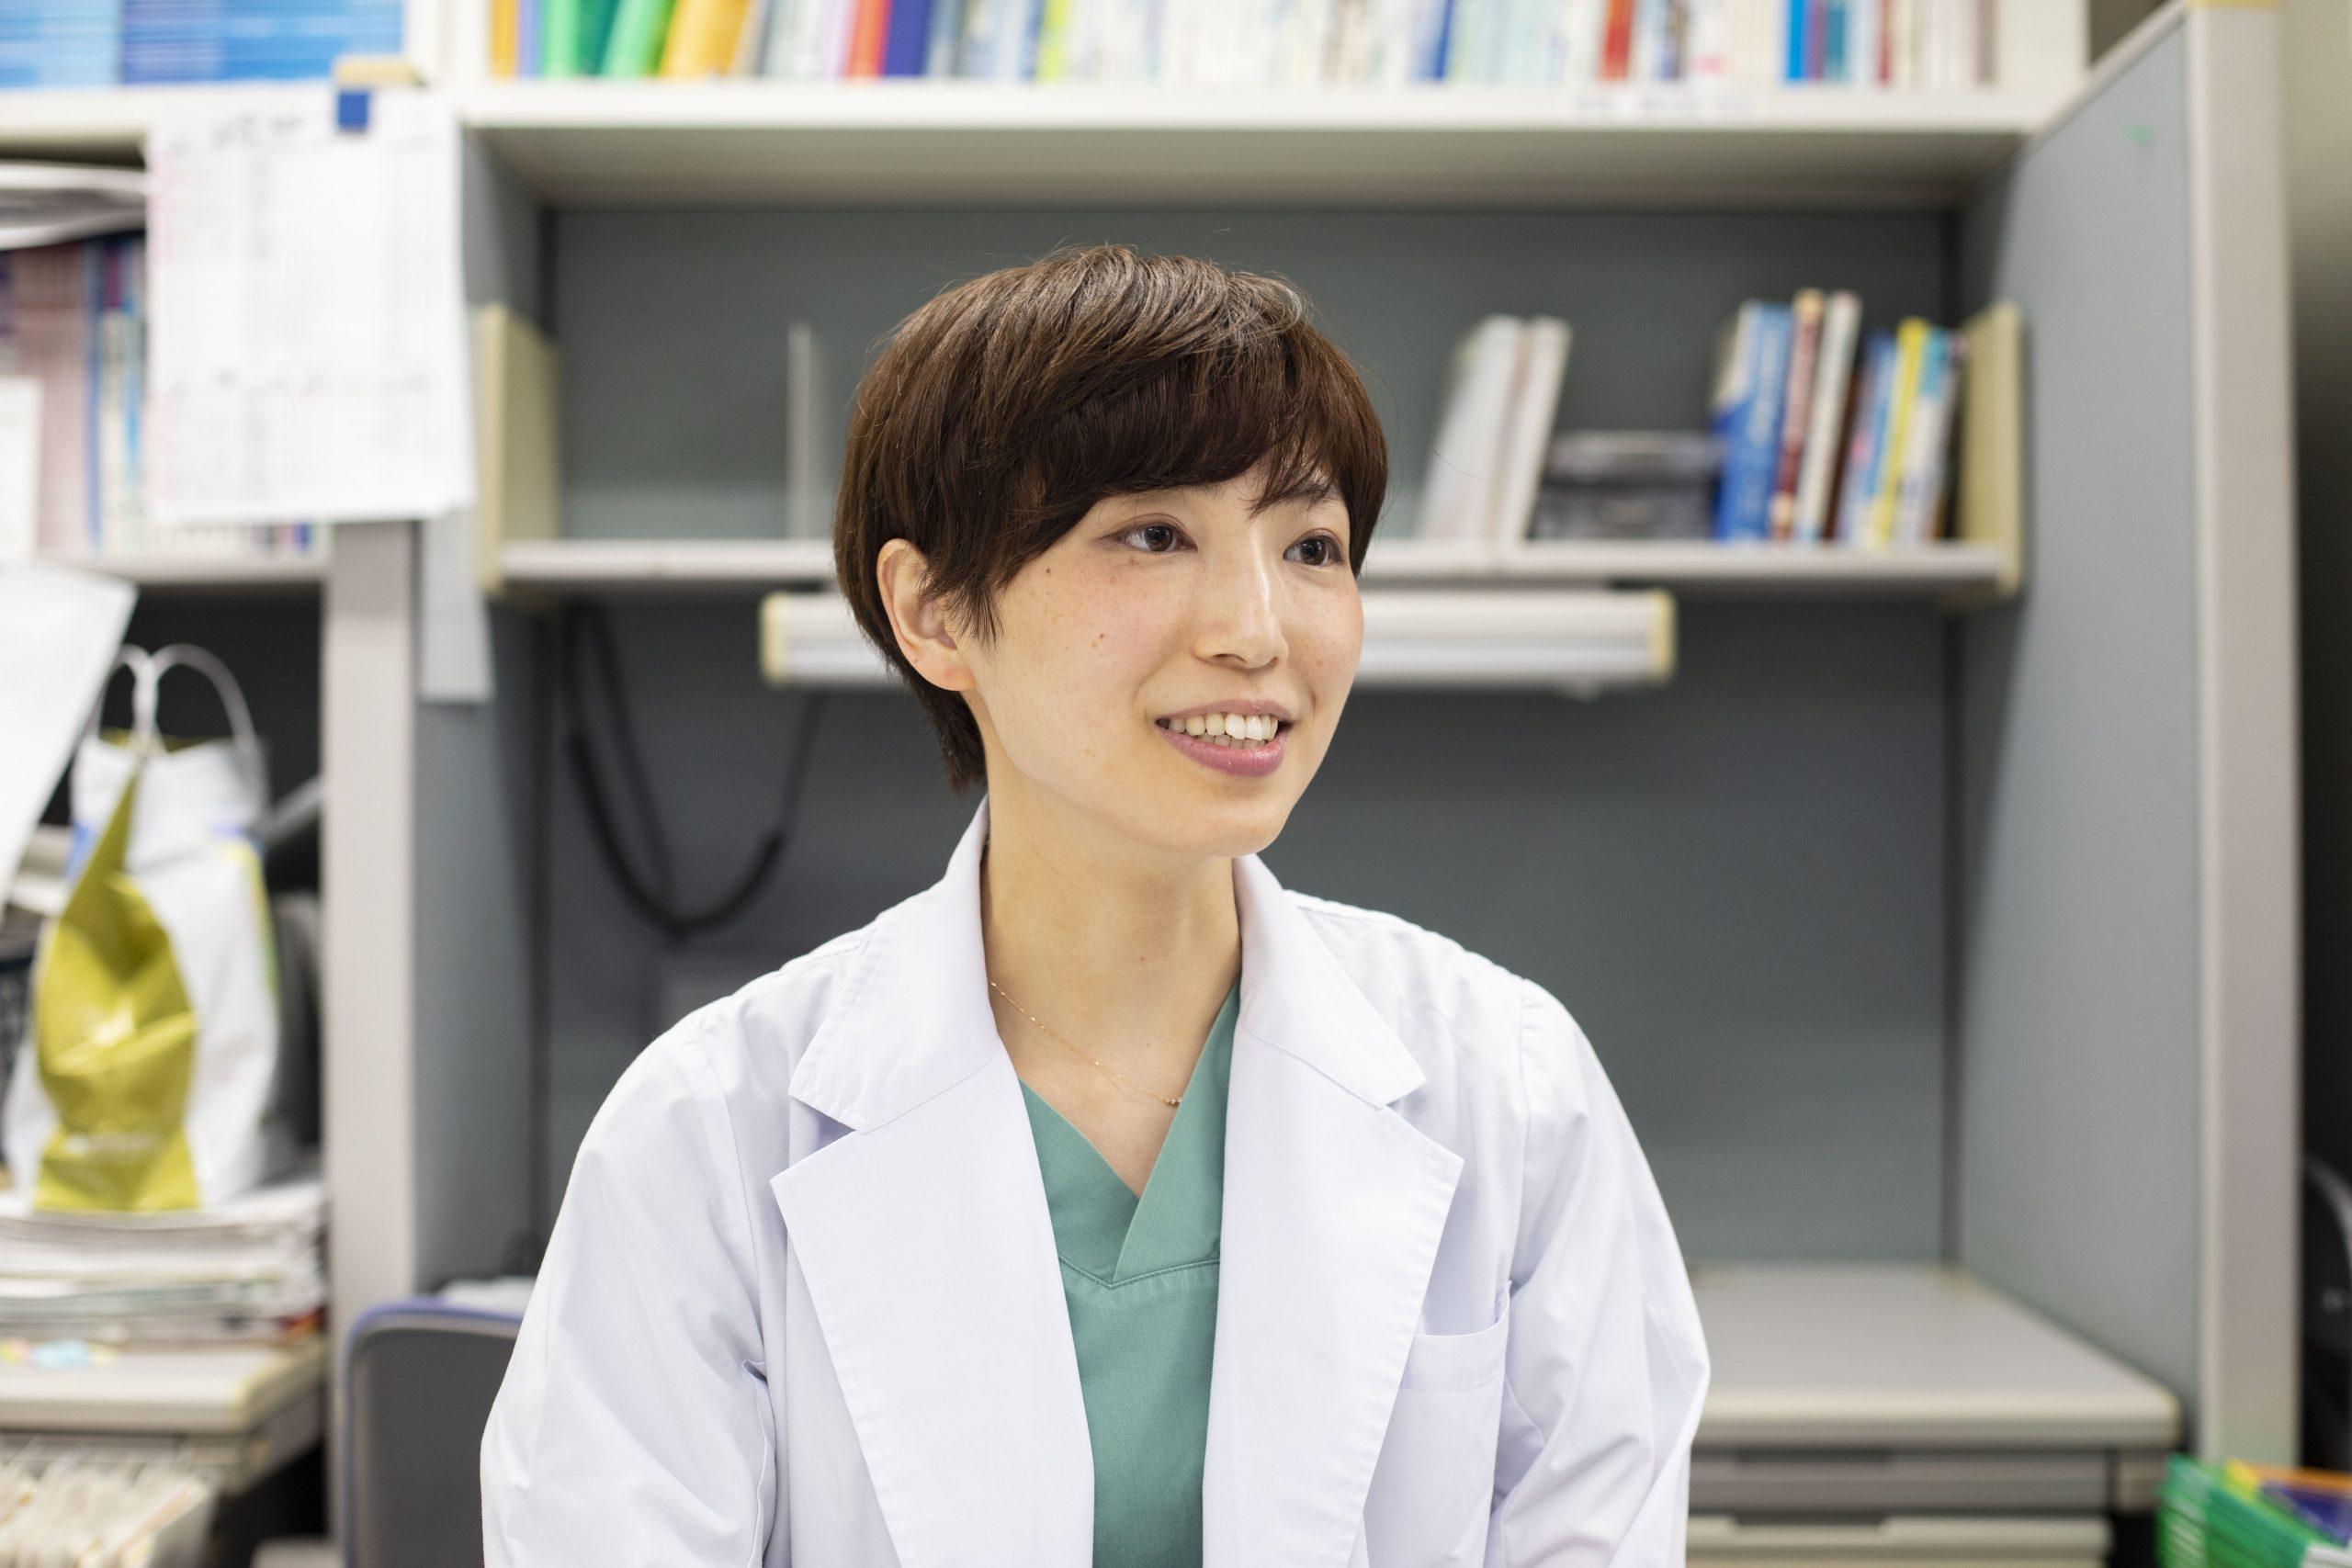 医療法人恵仁会松島病院 大腸肛門病センター医師 松島小百合先生